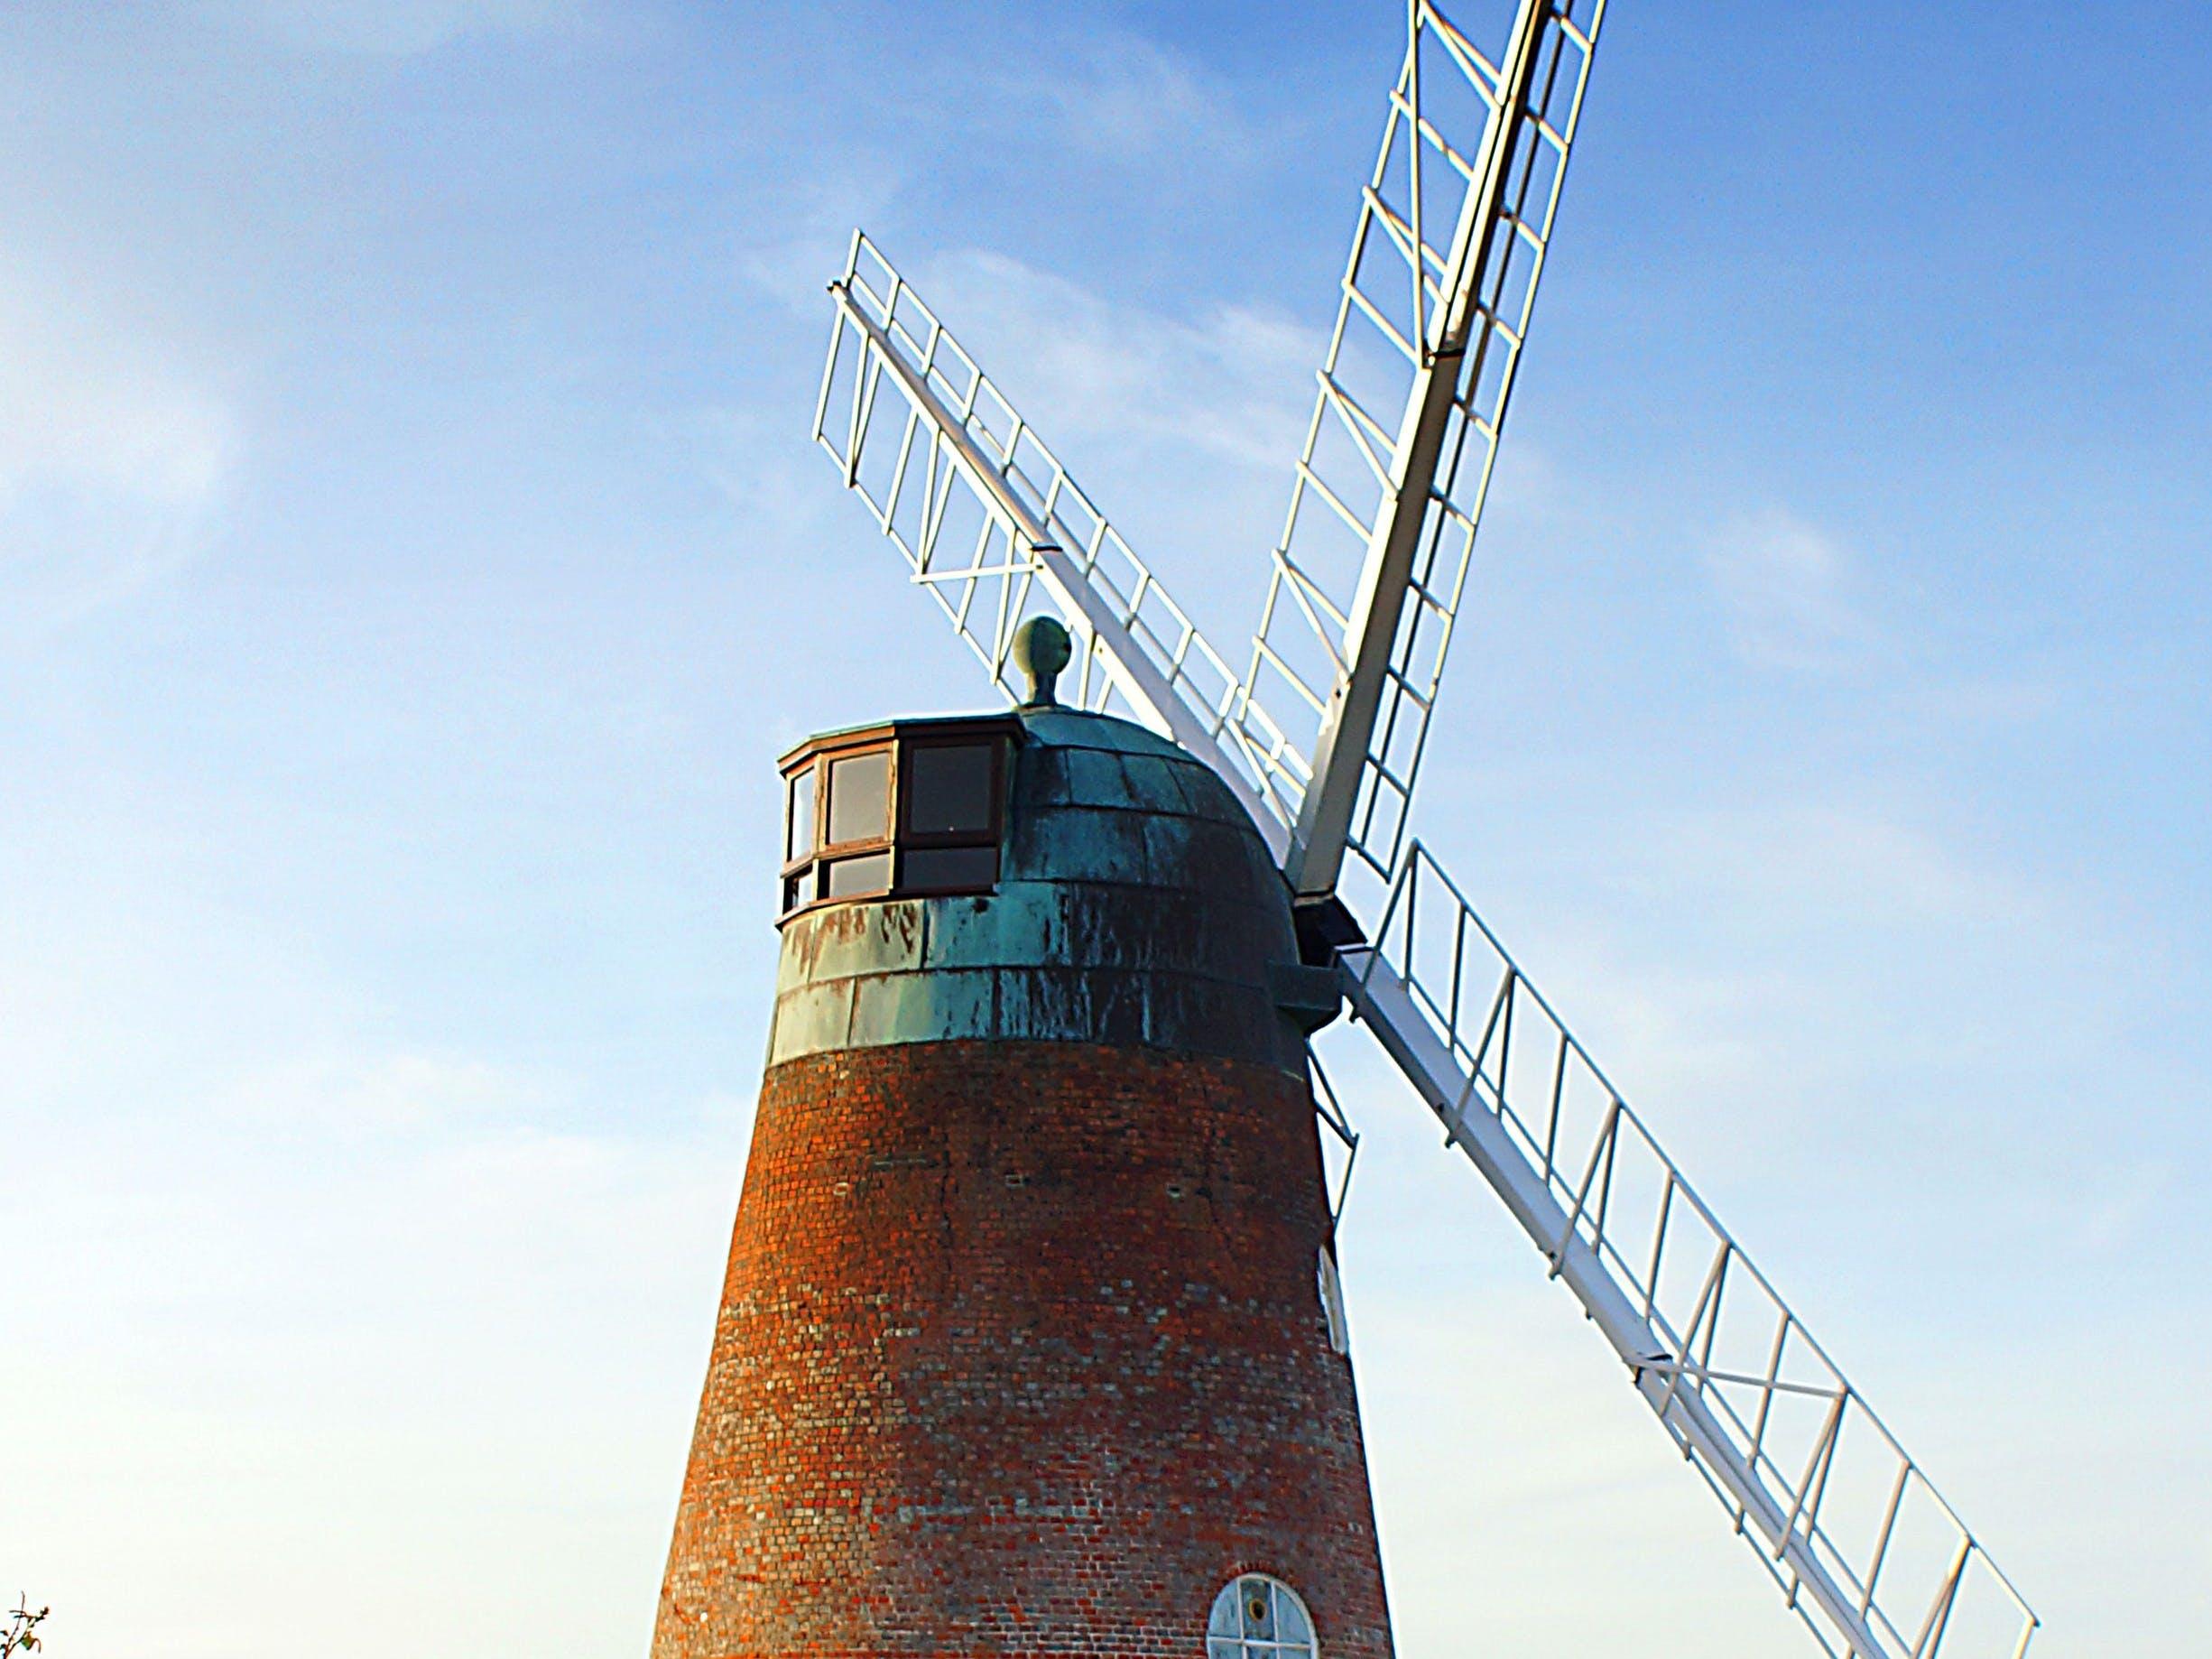 Medmerry Mill, courtesy CoastalJJ